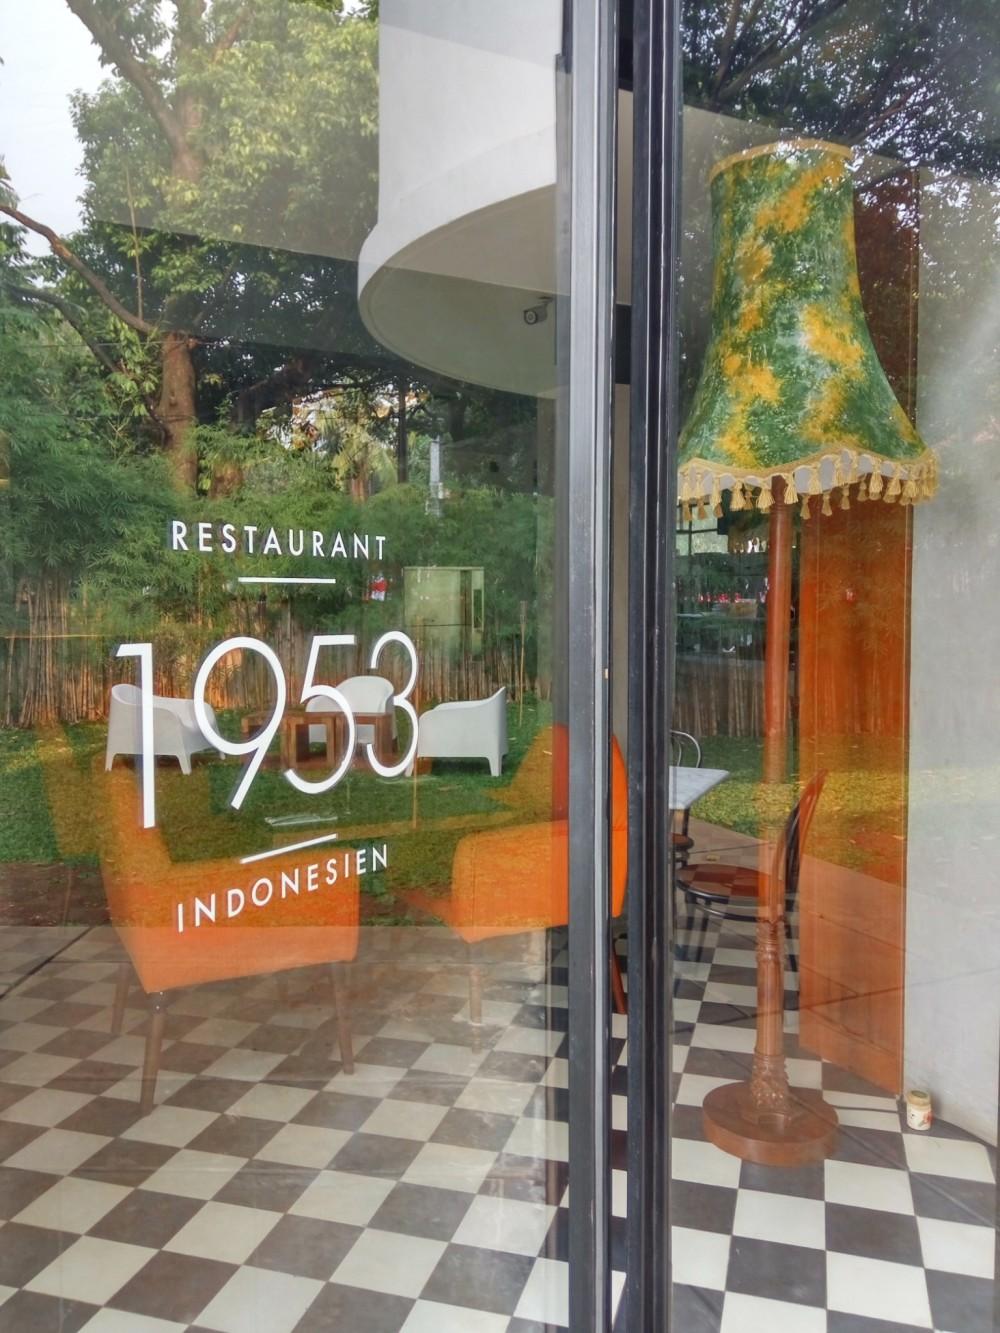 153 Indonesian Restaurant.jpg